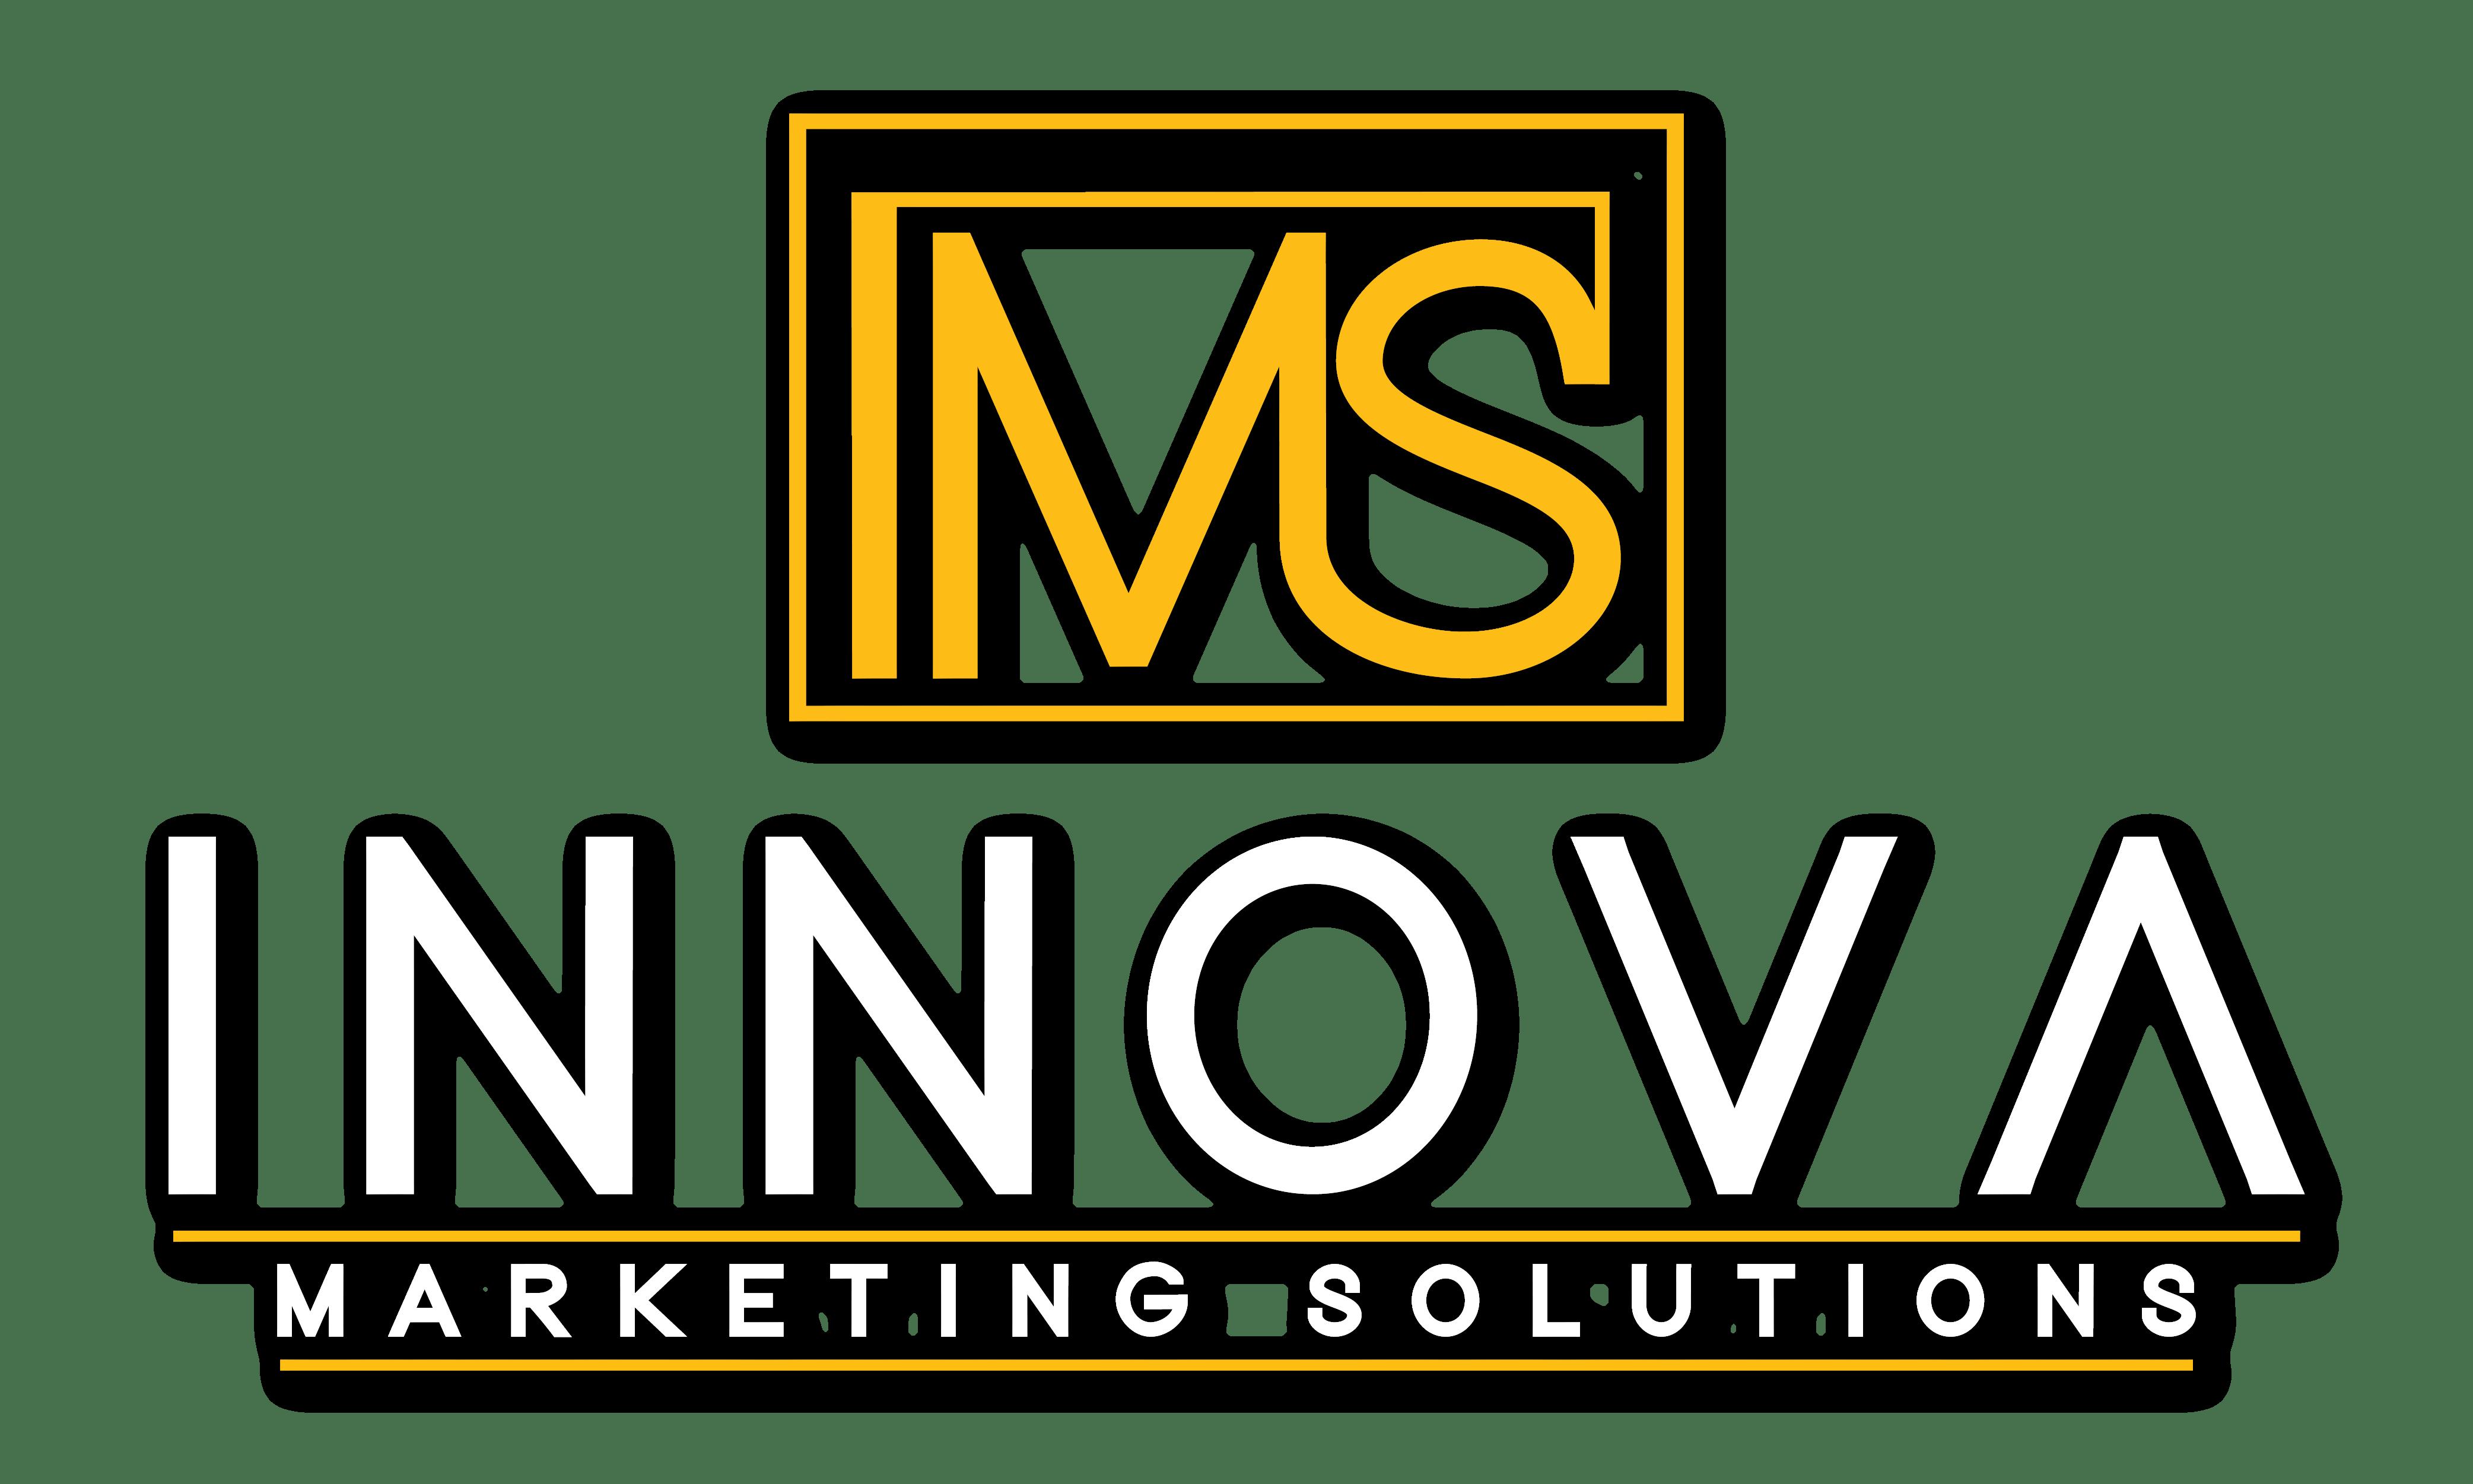 Innova Marketing Solutions